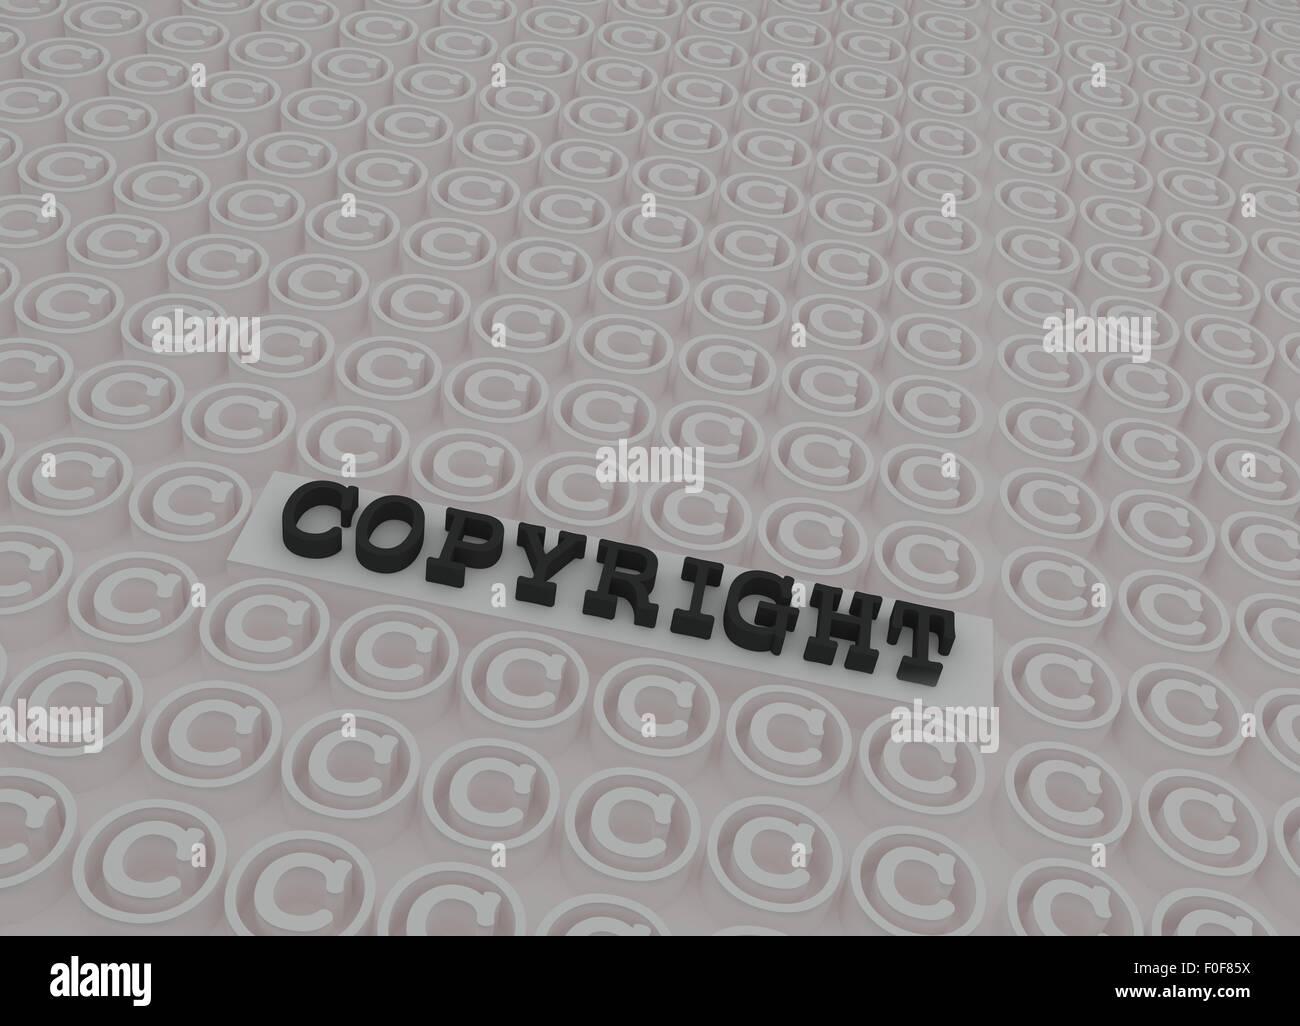 3d noir texte de copyright sur l'intérieur de la plate-forme 3d copyright symboles blancs. Banque D'Images